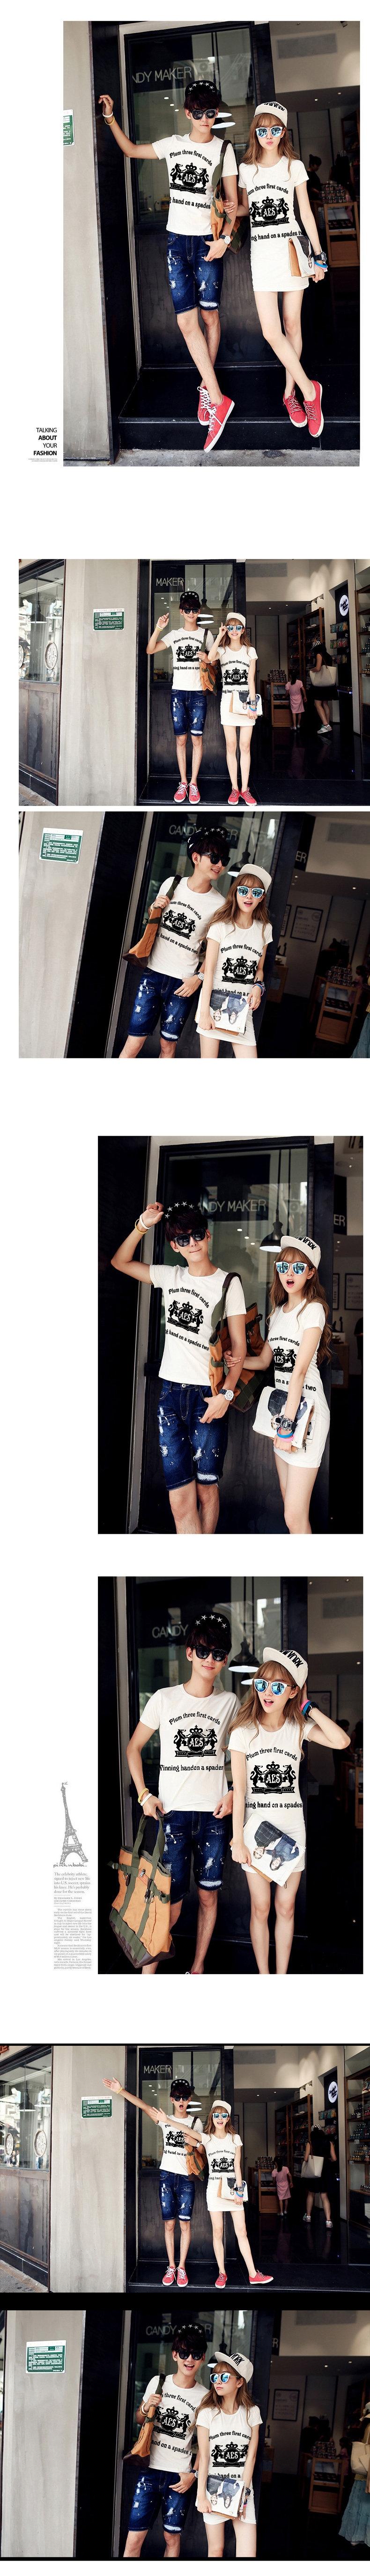 ◆快速出貨◆T恤.情侶裝.班服.MIT台灣製.獨家配對情侶裝.客製化.純棉短T.黃冠雙馬【Y0317】可單買.艾咪E舖